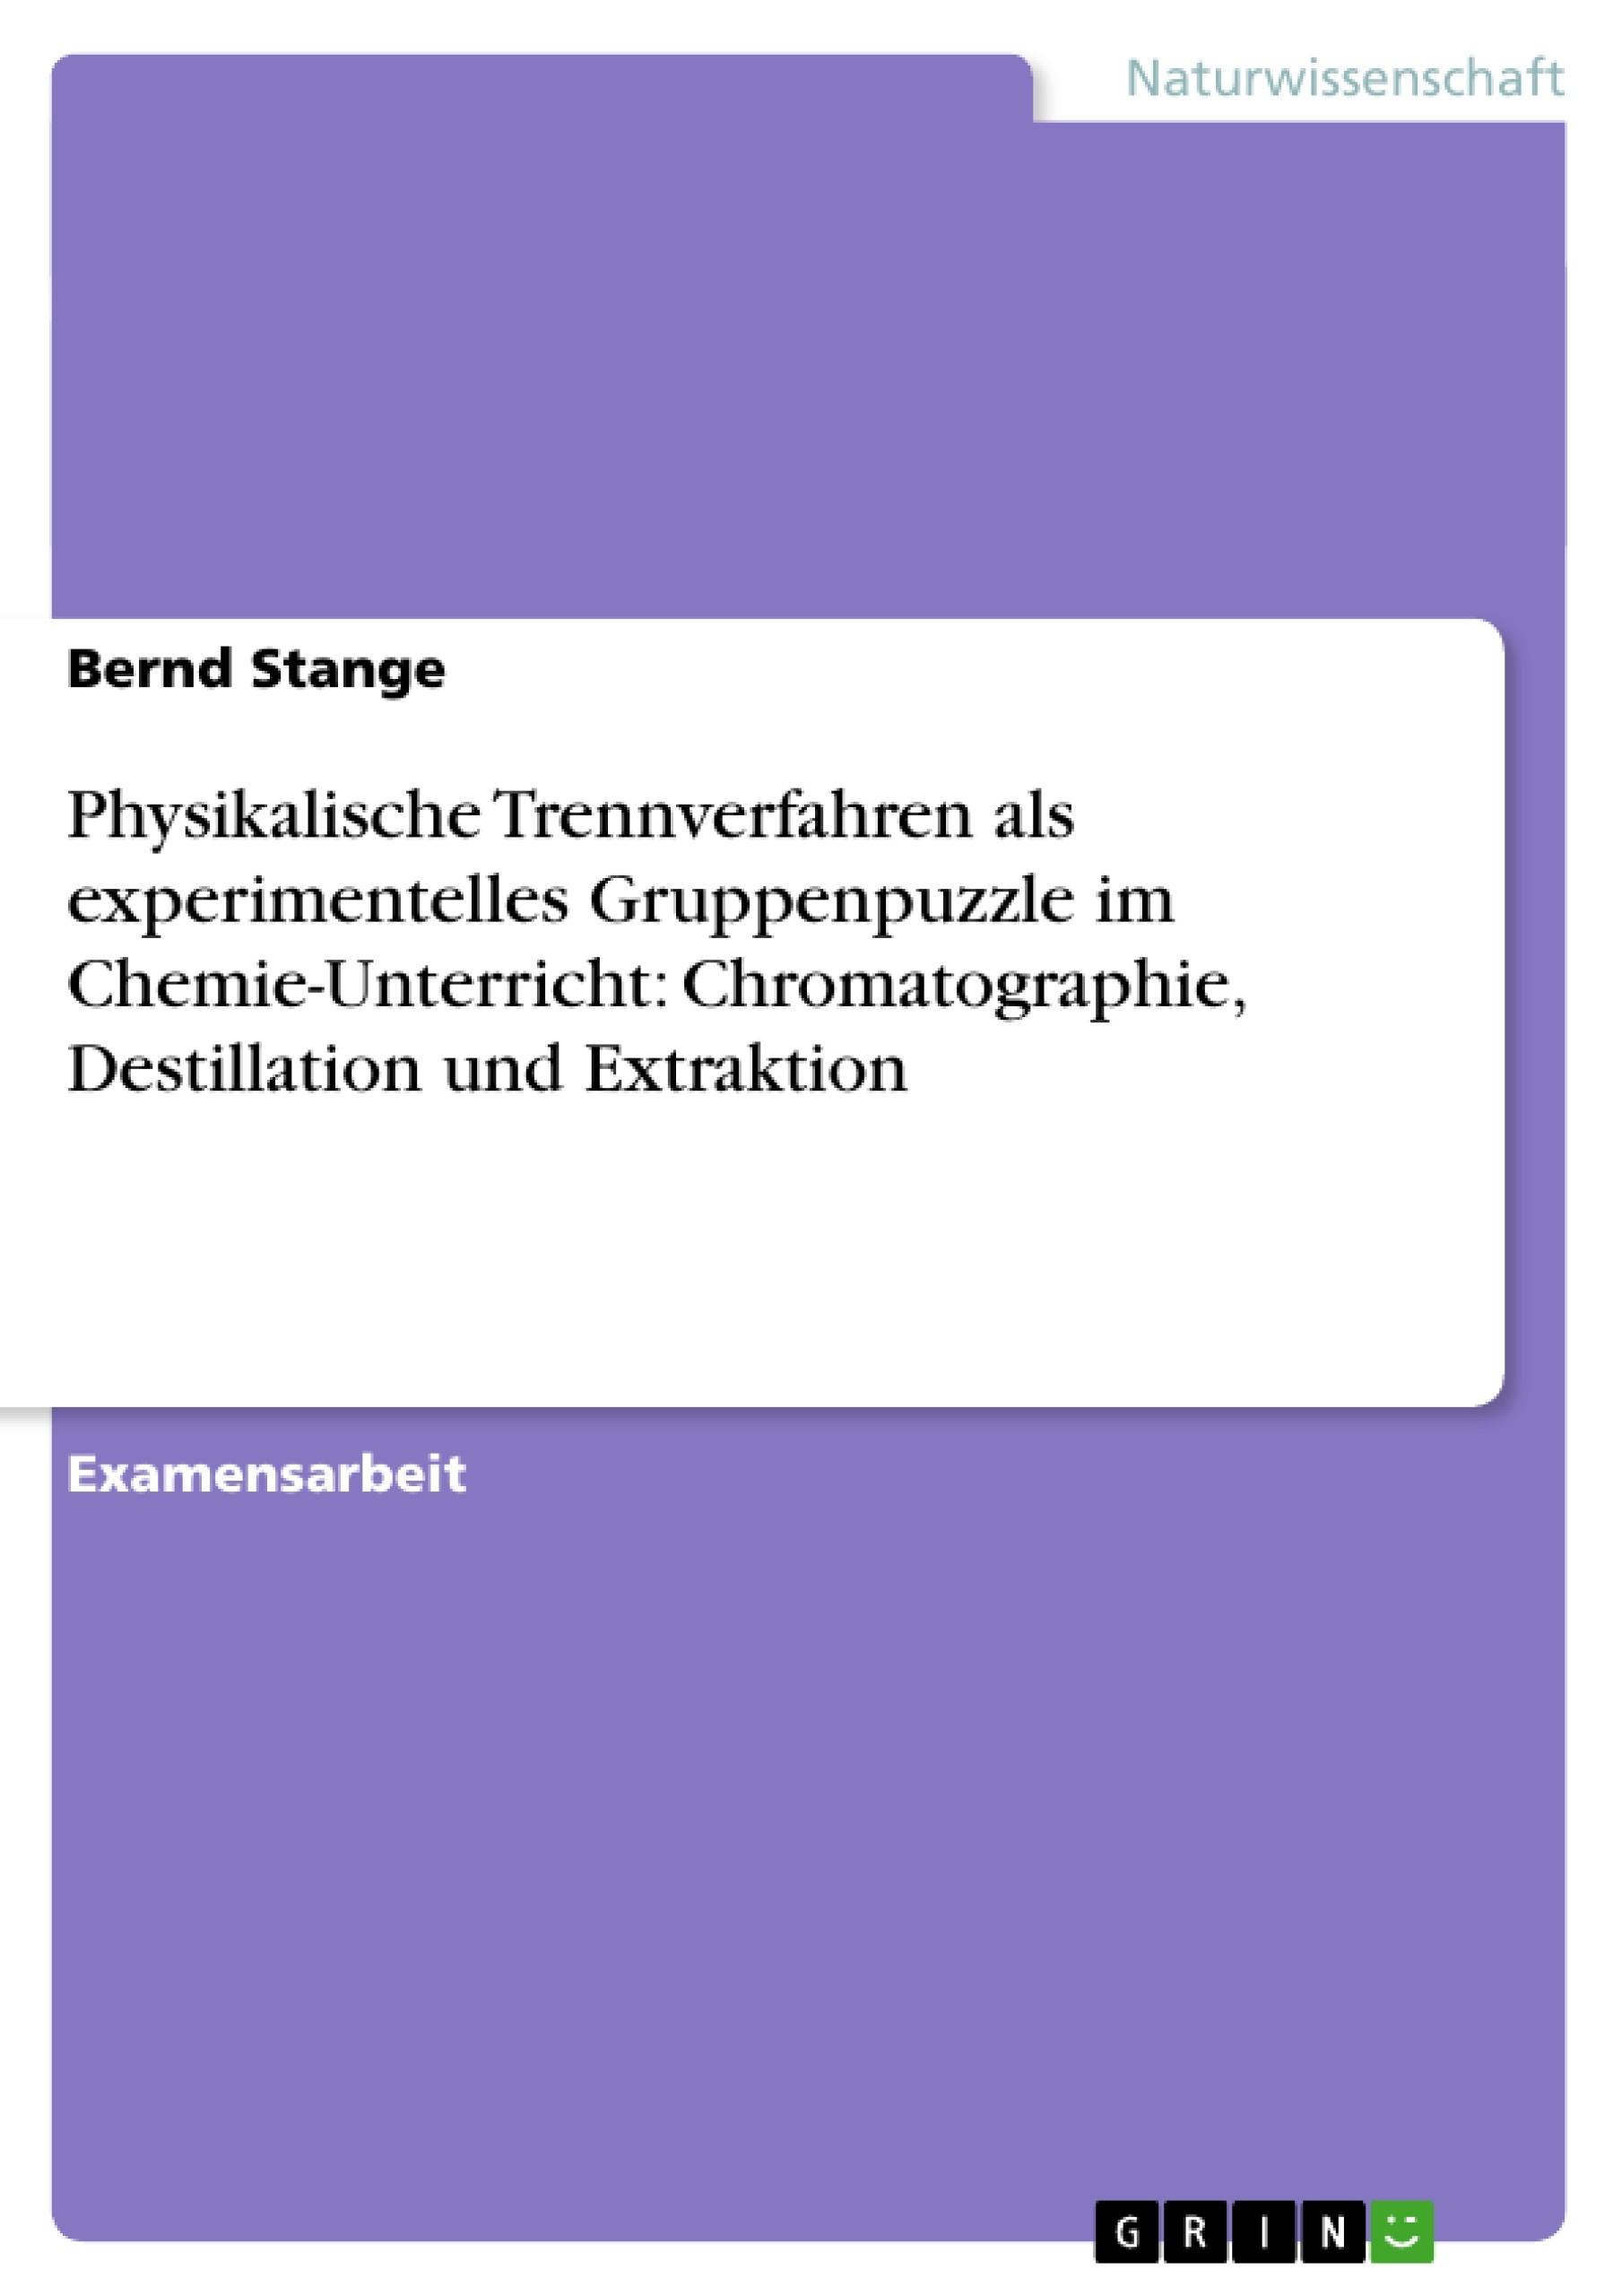 Titel: Physikalische Trennverfahren als experimentelles Gruppenpuzzle im Chemie-Unterricht: Chromatographie, Destillation und Extraktion